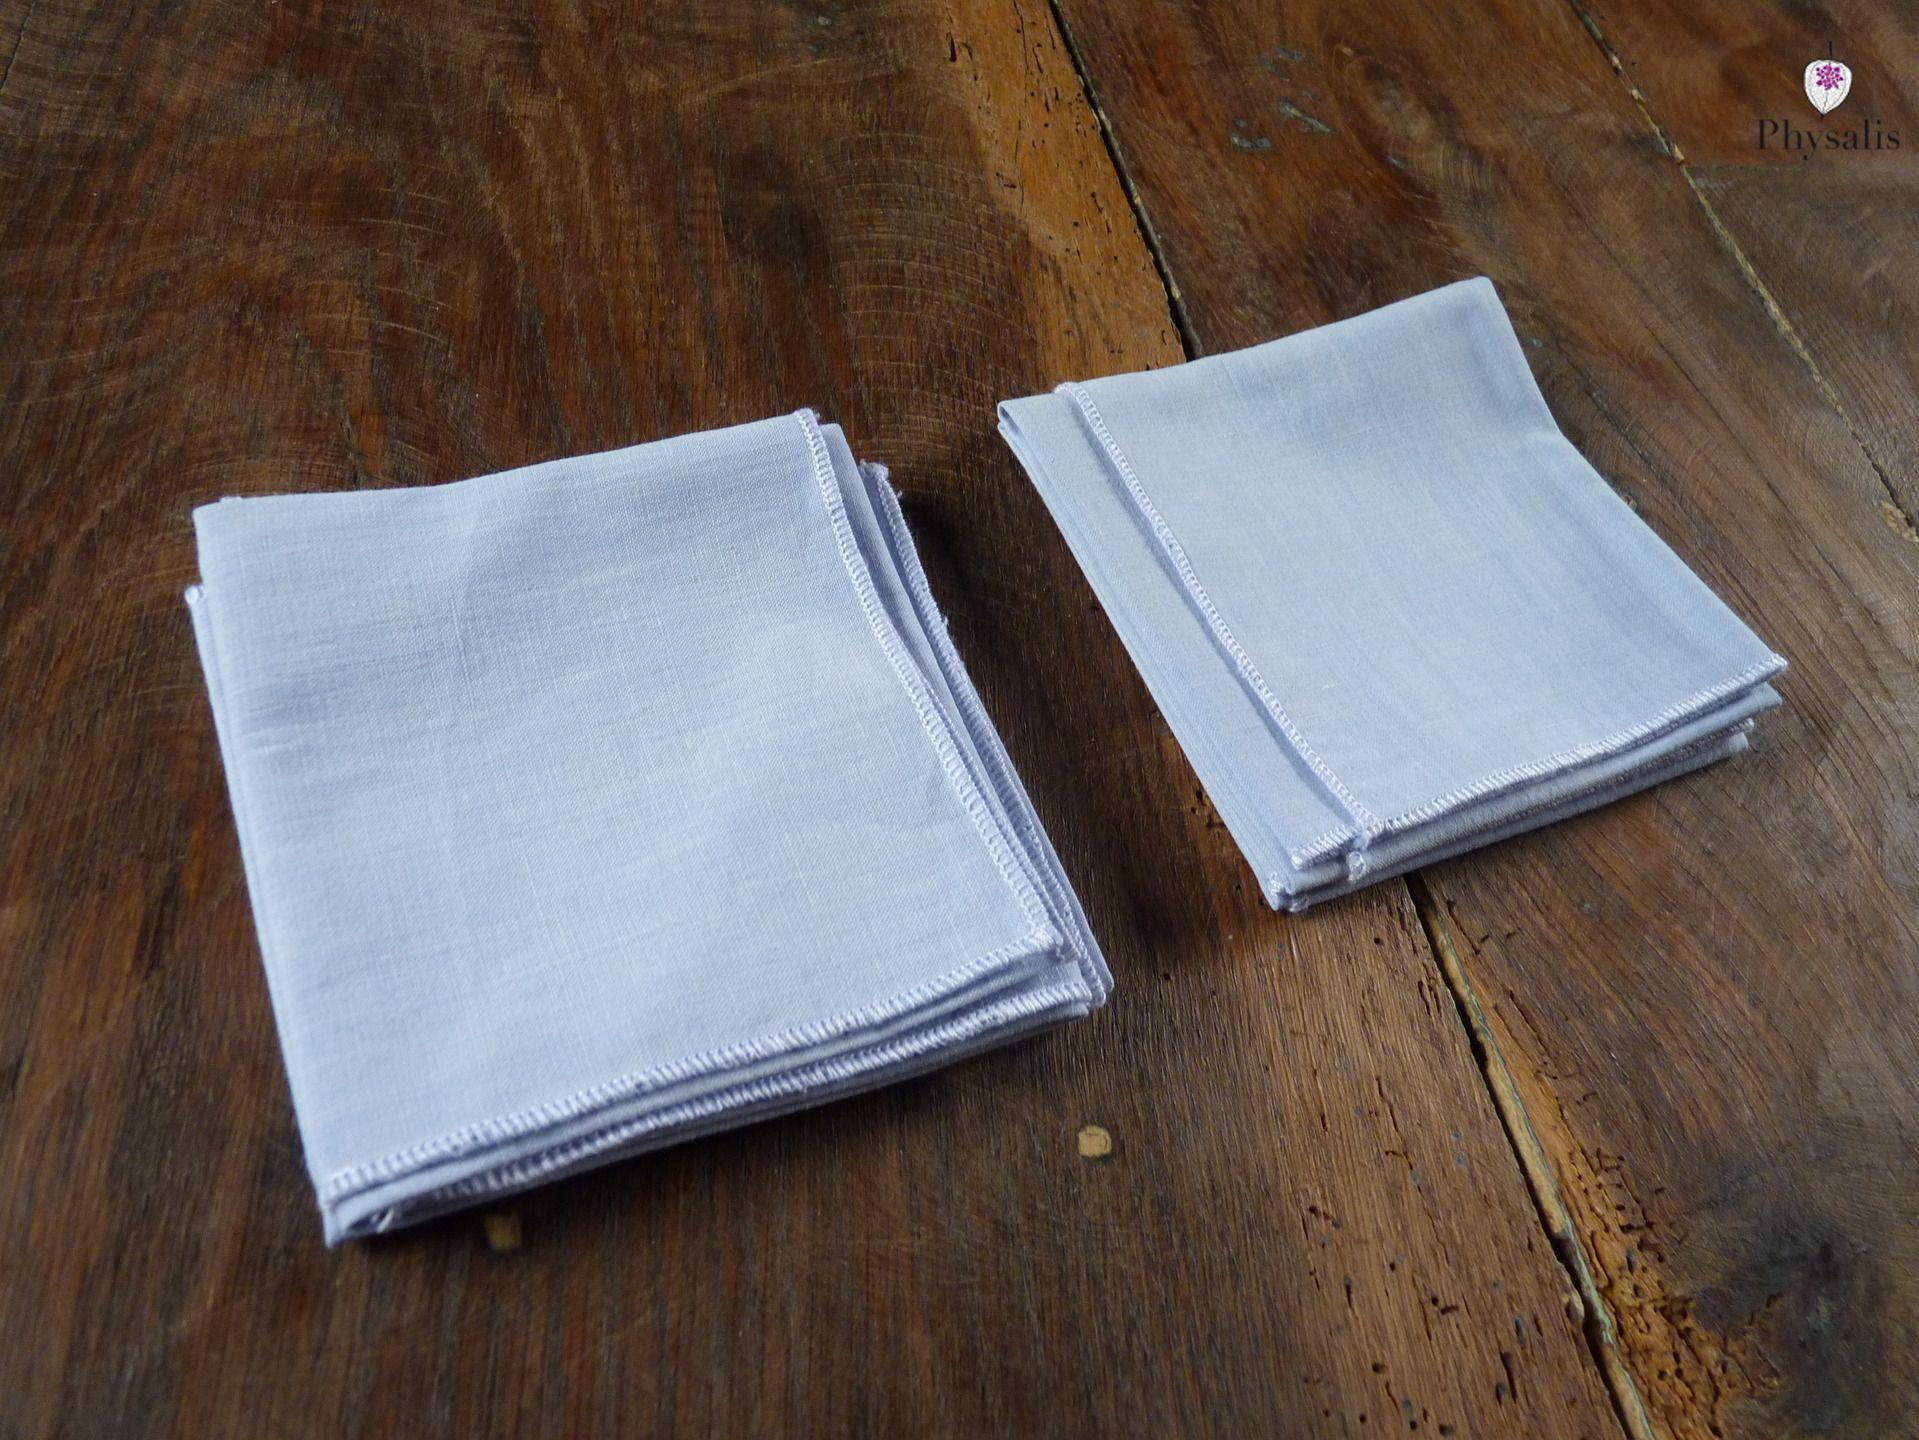 Lot de 4 mouchoirs en tissus lavables, bleu clair http://www.alittlemarket.com/soin-bien-etre/fr_lot_de_4_mouchoirs_en_tissus_lavables_bleu_clair_-15459953.html